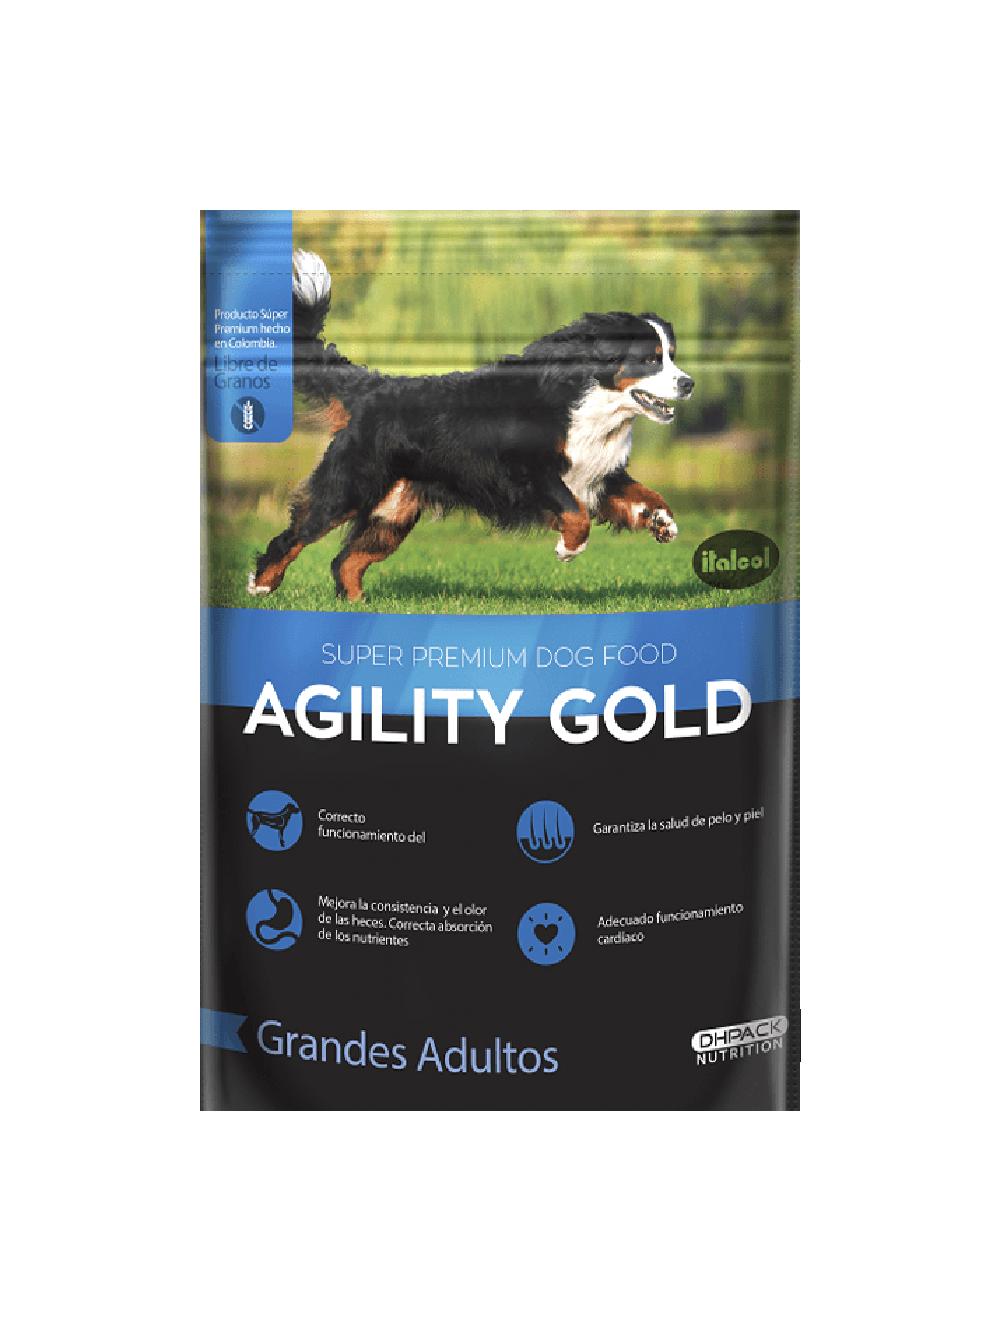 Comida Agility Gold Adultos para Perros - Ciudaddemascotas.com